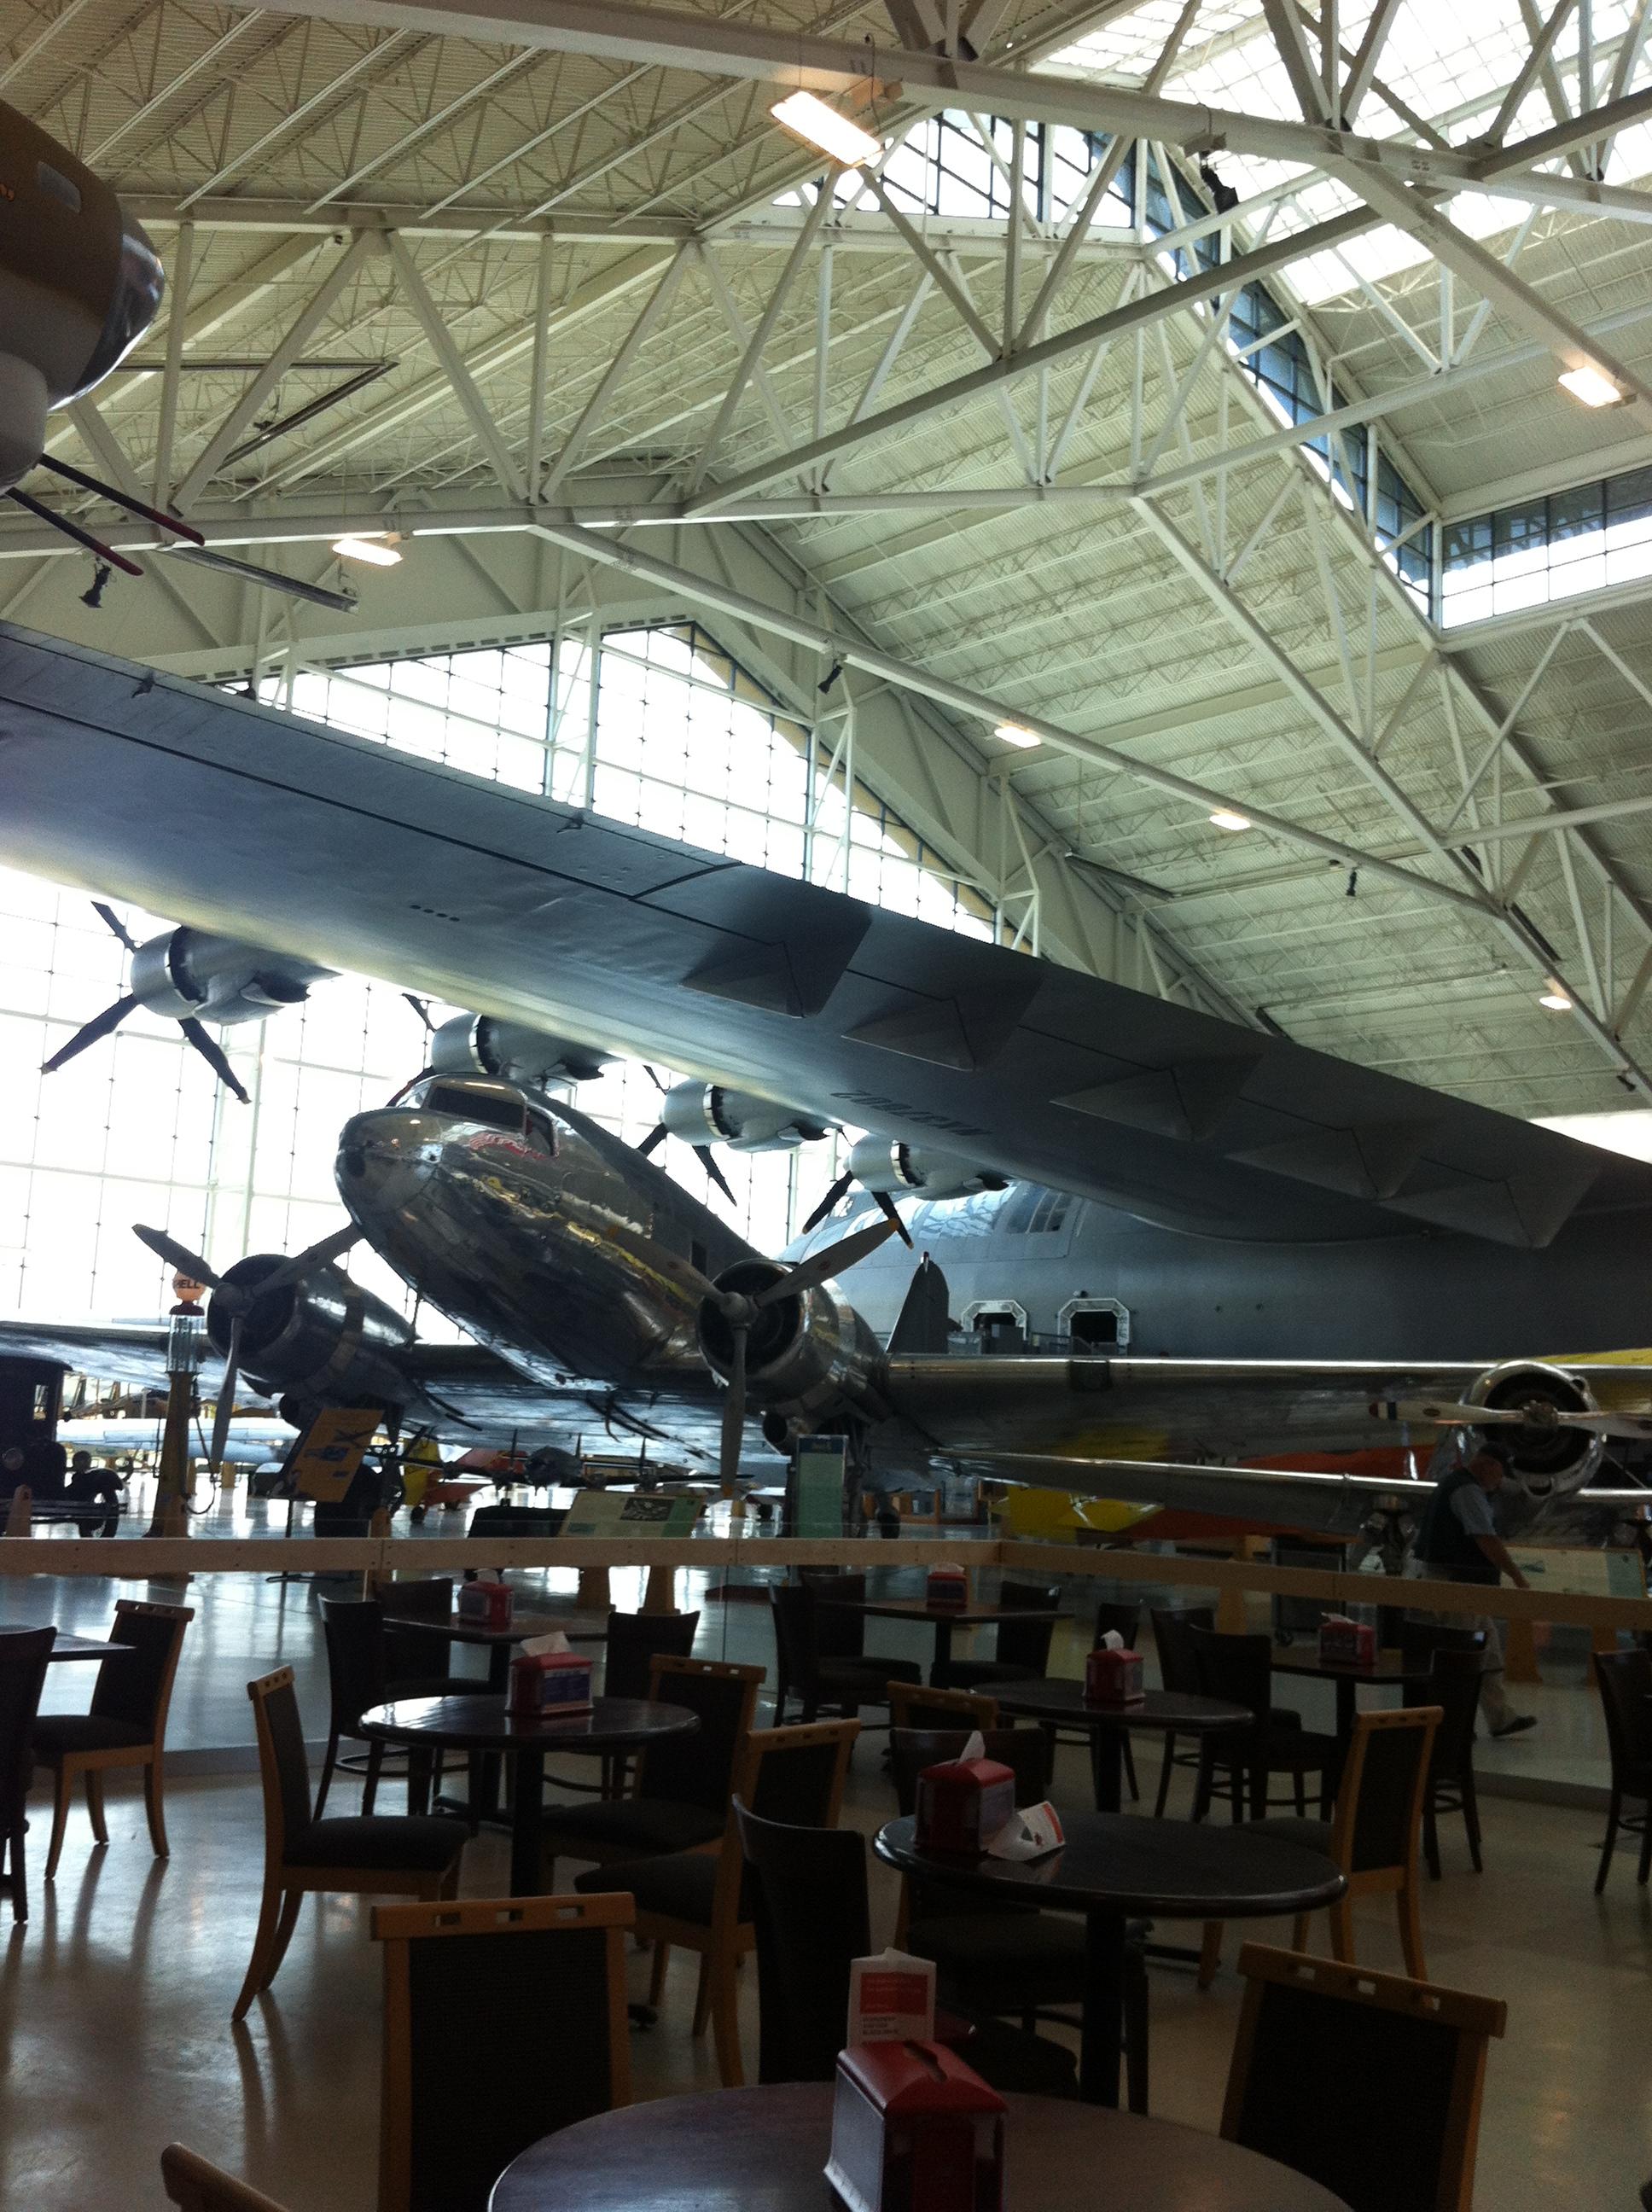 Spruce Goose - mit 8 Triebwerken!